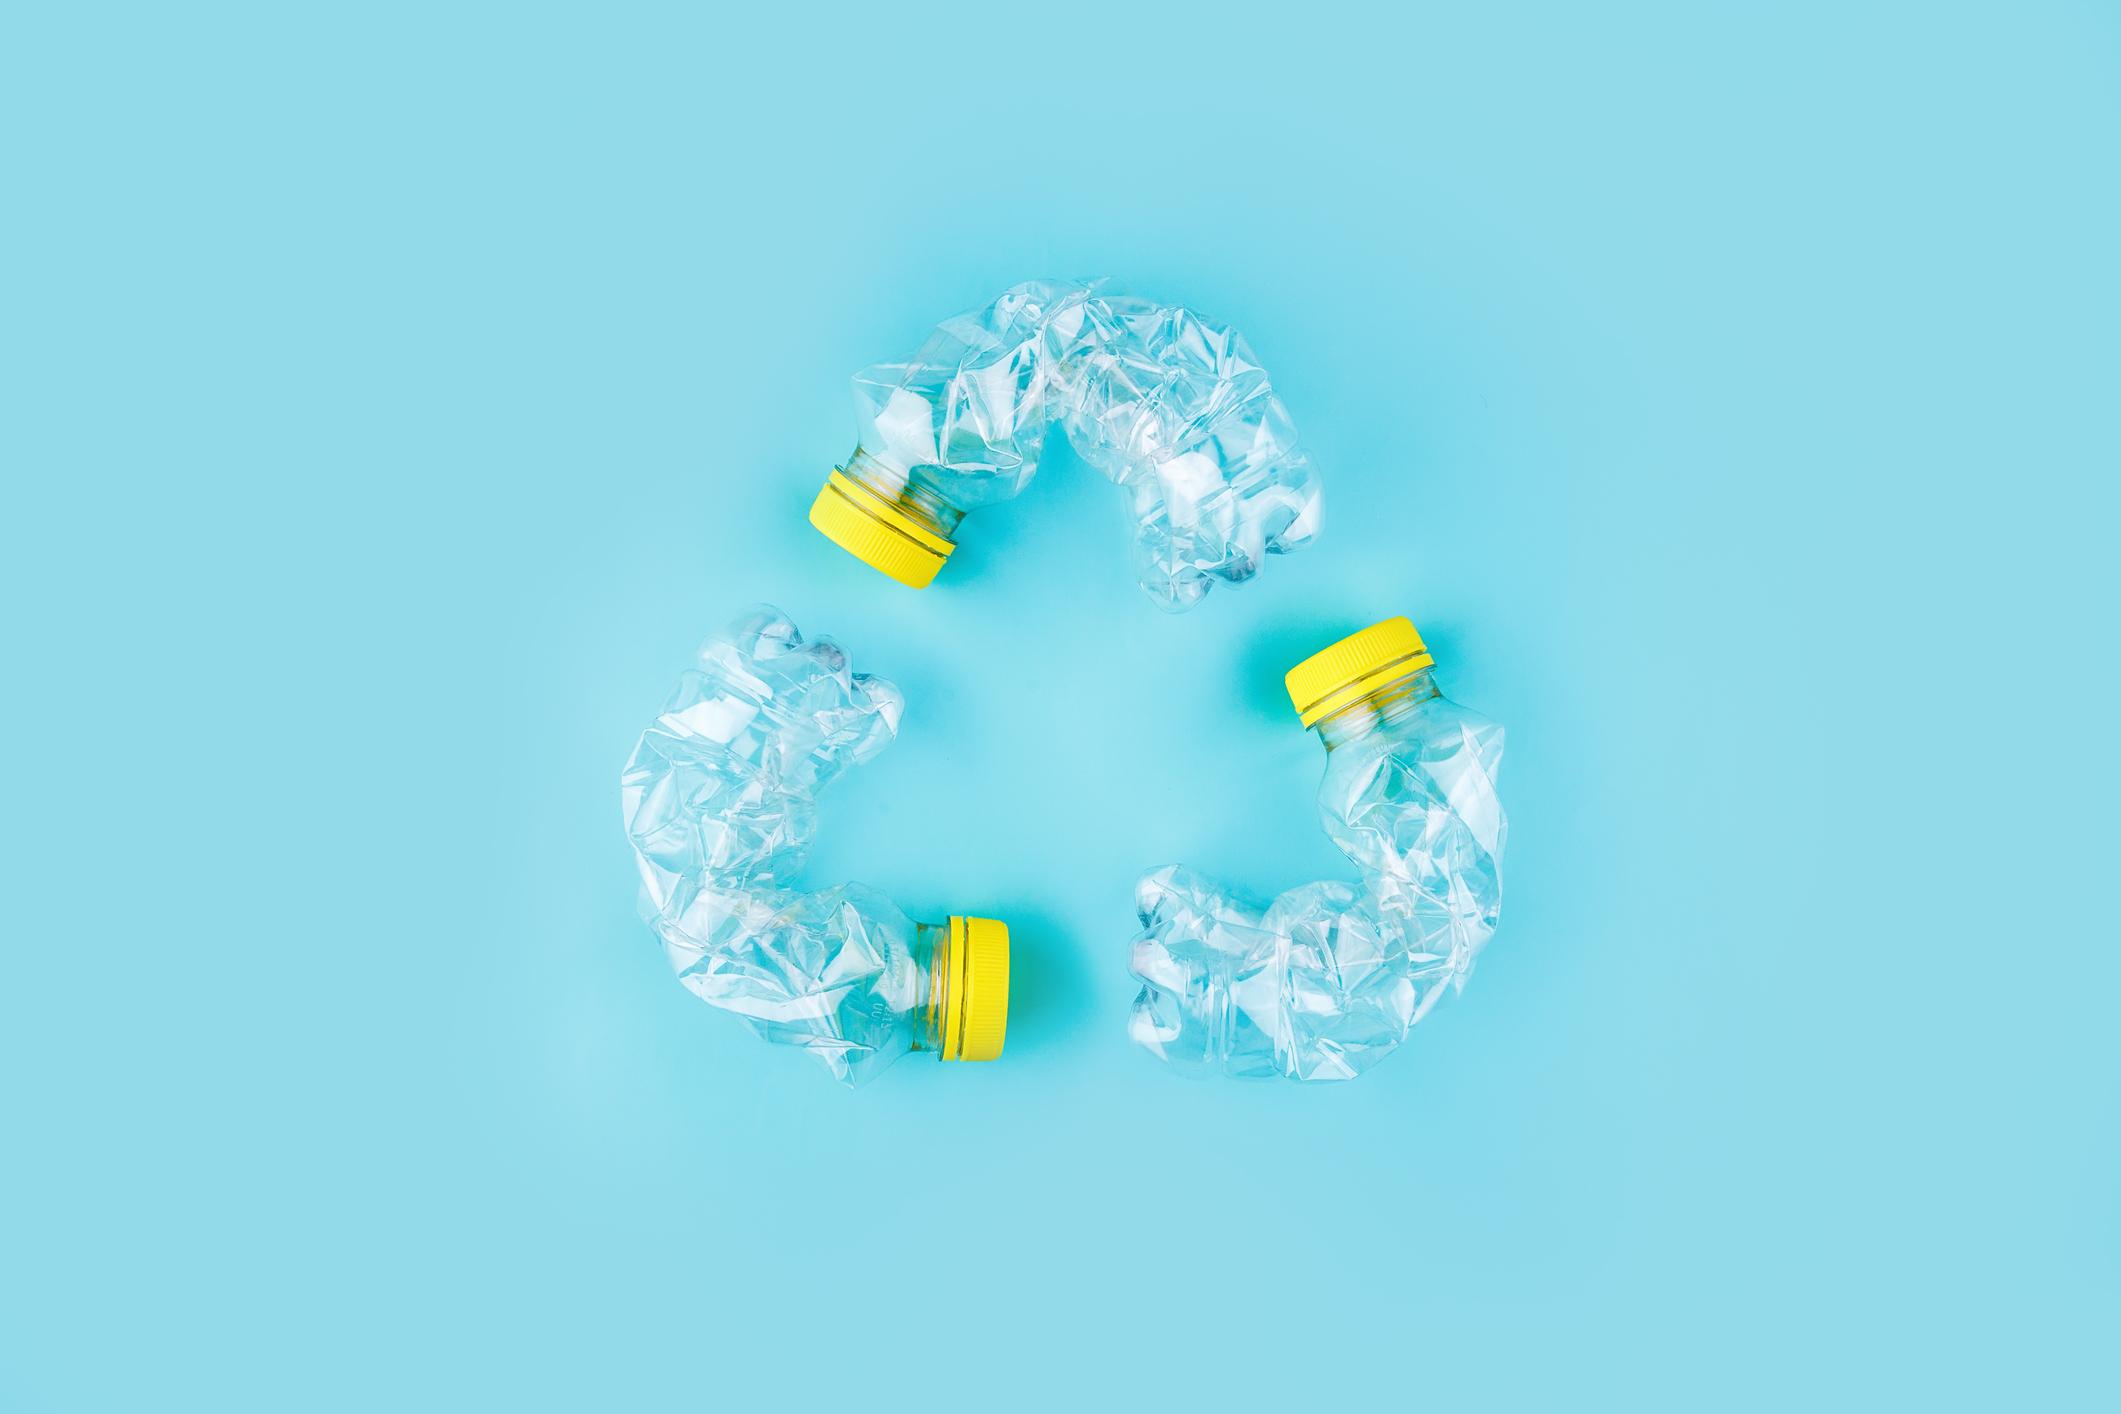 Die Verwertungsquote von Kunststoff liegt aktuell unter 50 Prozent.